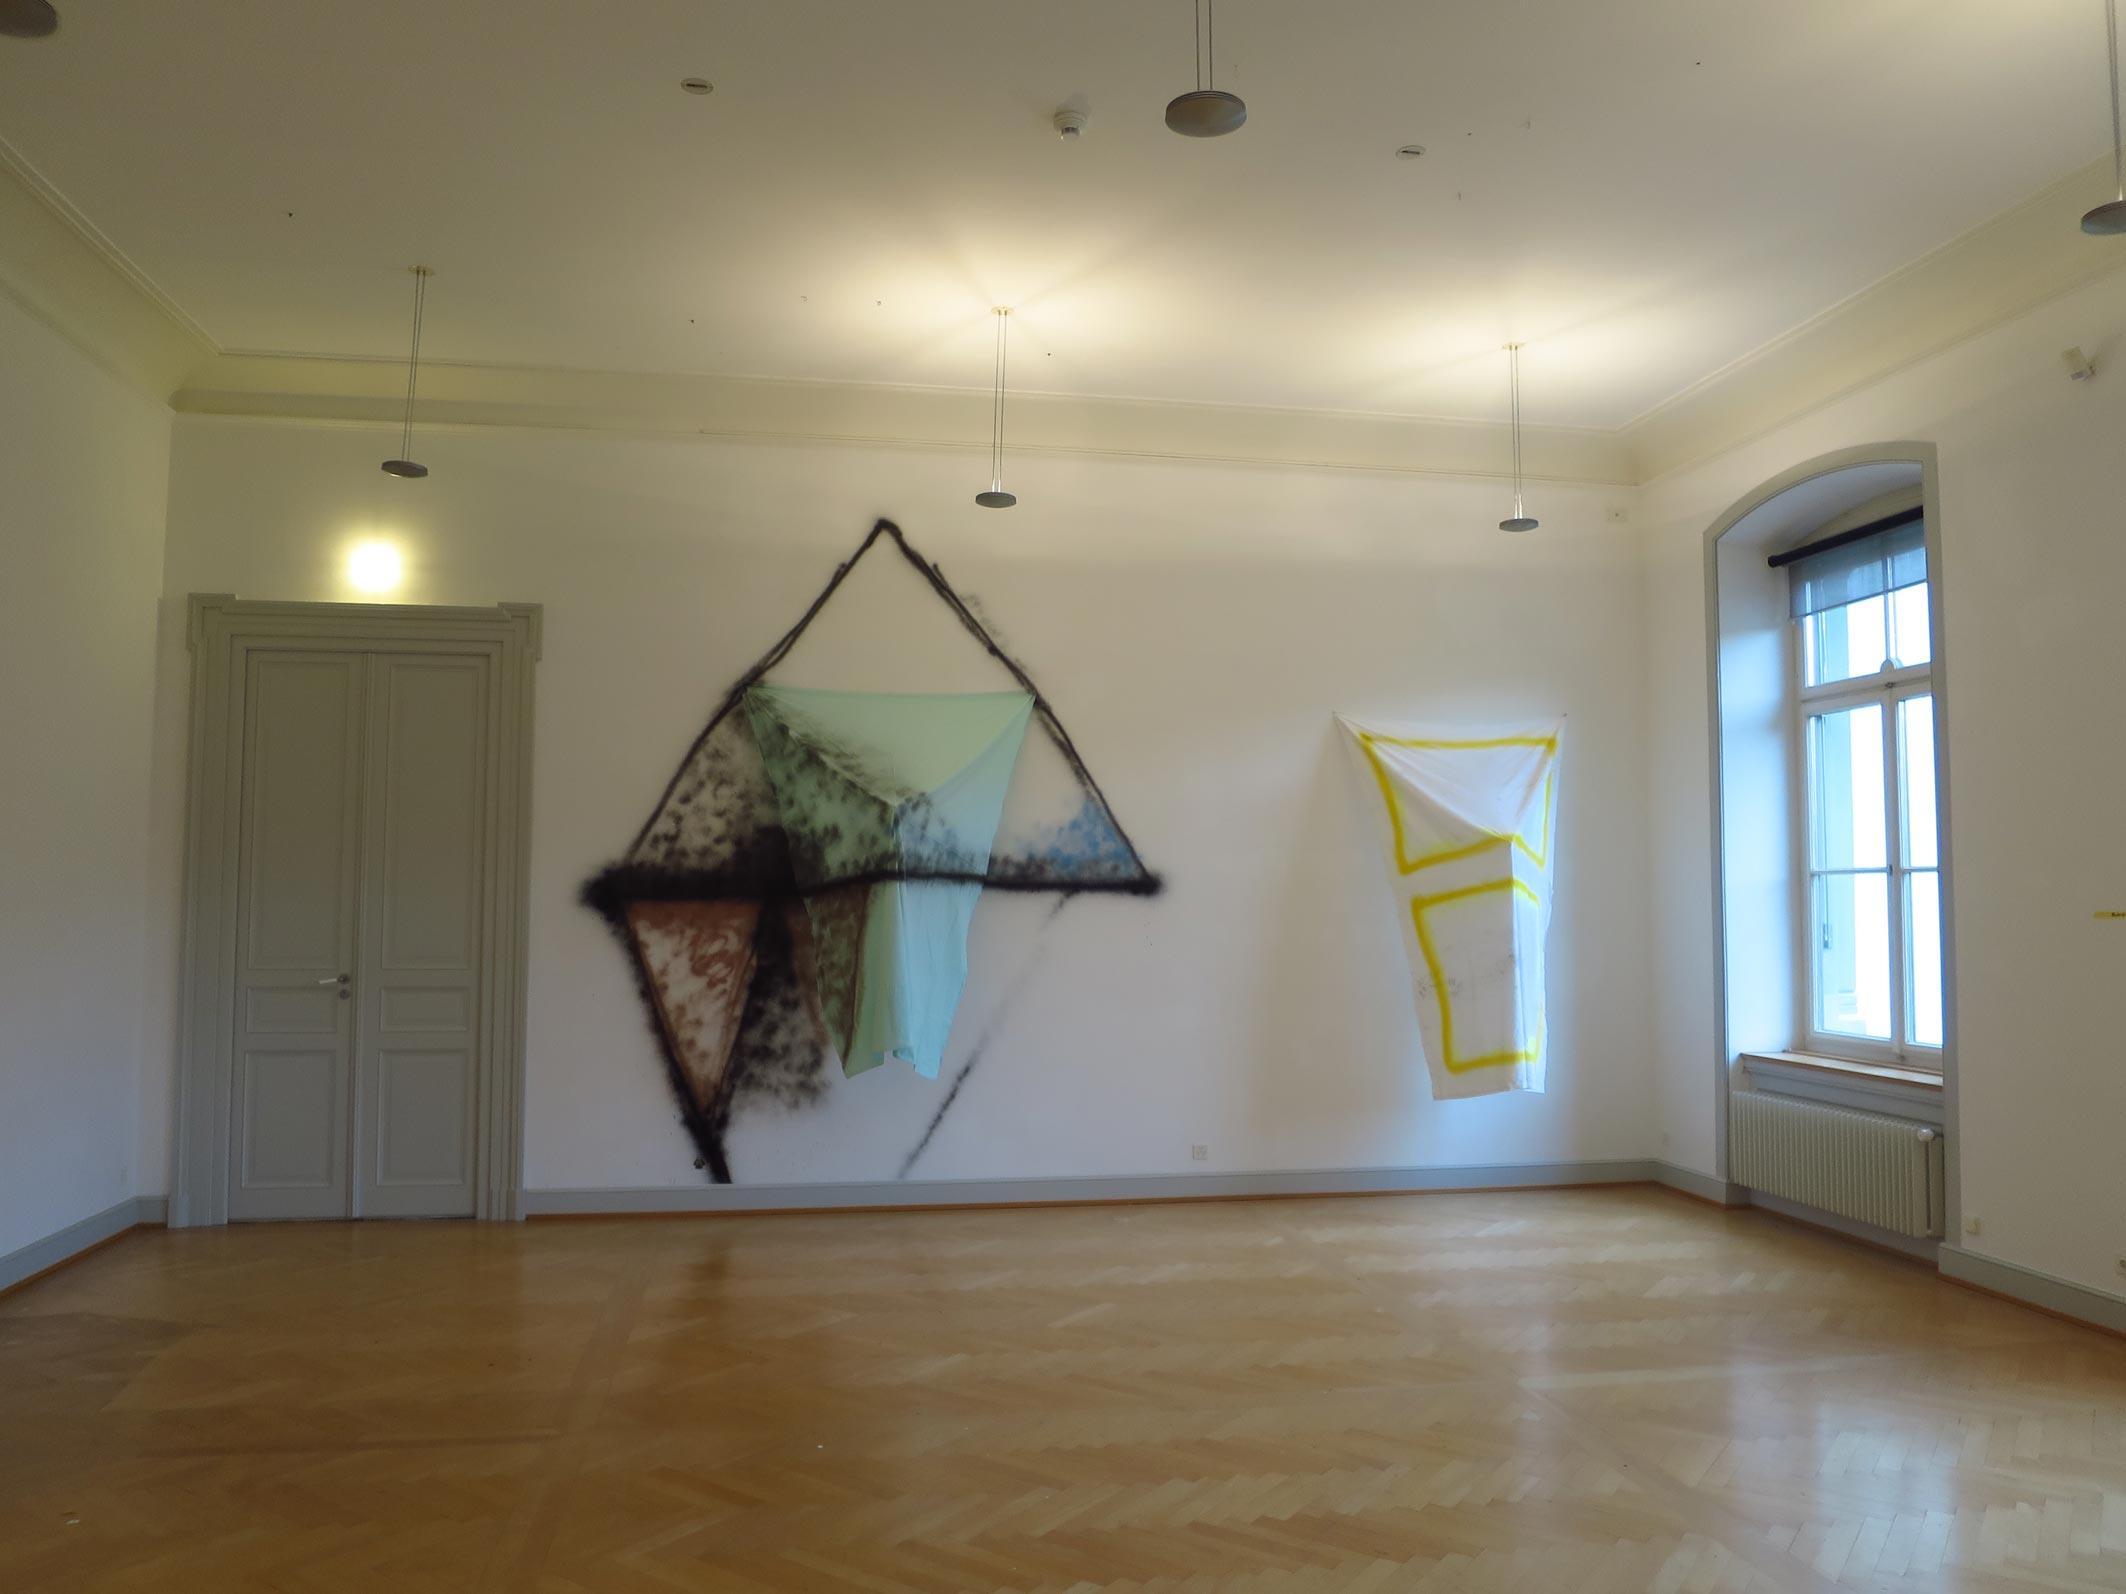 Stefan Inauen OT 2015 Sprühlack, Baumwolle, Keilrahmen Ausstellungsansicht  Kunstmuseum St.Gallen